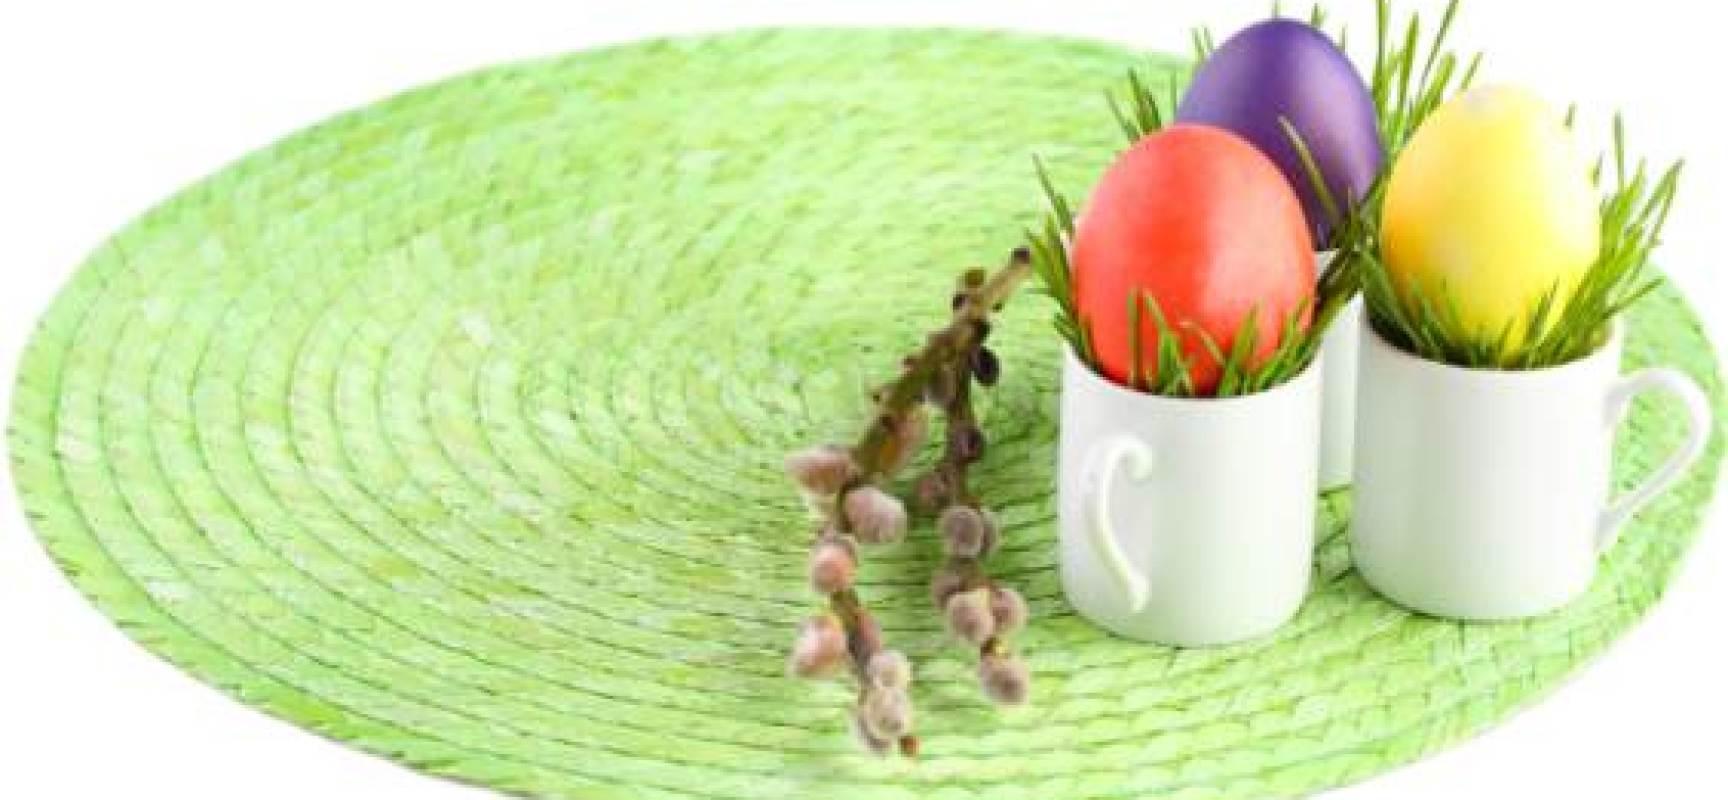 Uova di pasqua decorazioni fai da te verde azzurro notizie - Pasqua decorazioni fai da te ...